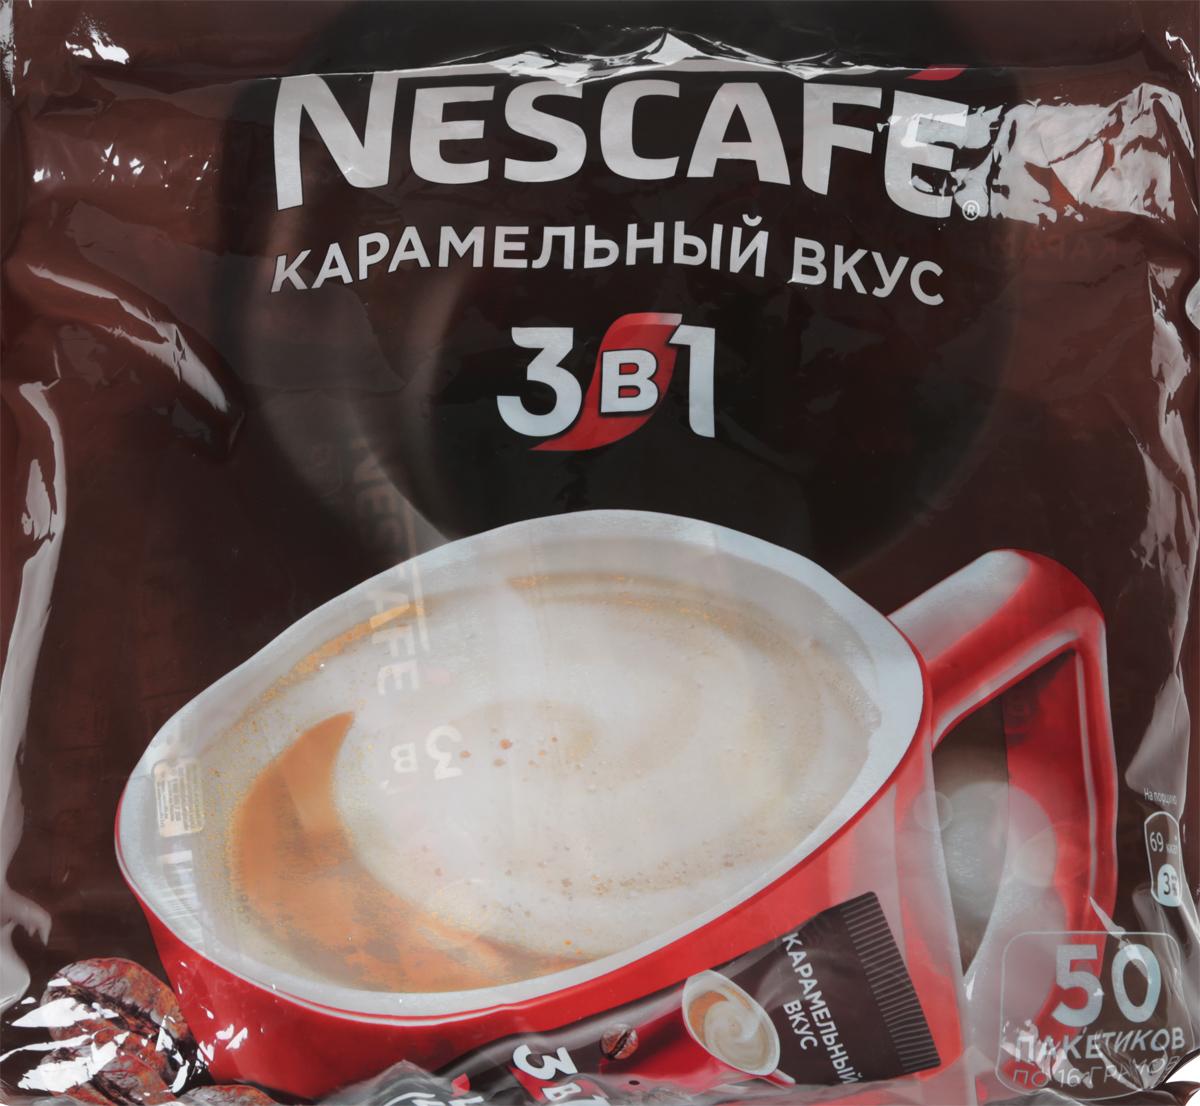 Nescafe 3 в 1 Карамельный кофе растворимый, 50 шт12194056Nescafe 3 в 1 Карамельный - кофейно-сливочный напиток, в состав которого входят высококачественные ингредиенты: кофе Nescafe, сахар, сливки растительного происхождения. Каждый пакетик Nescafe 3 в 1 подарит вамидеальное сочетание кофе, сливок, сахара!